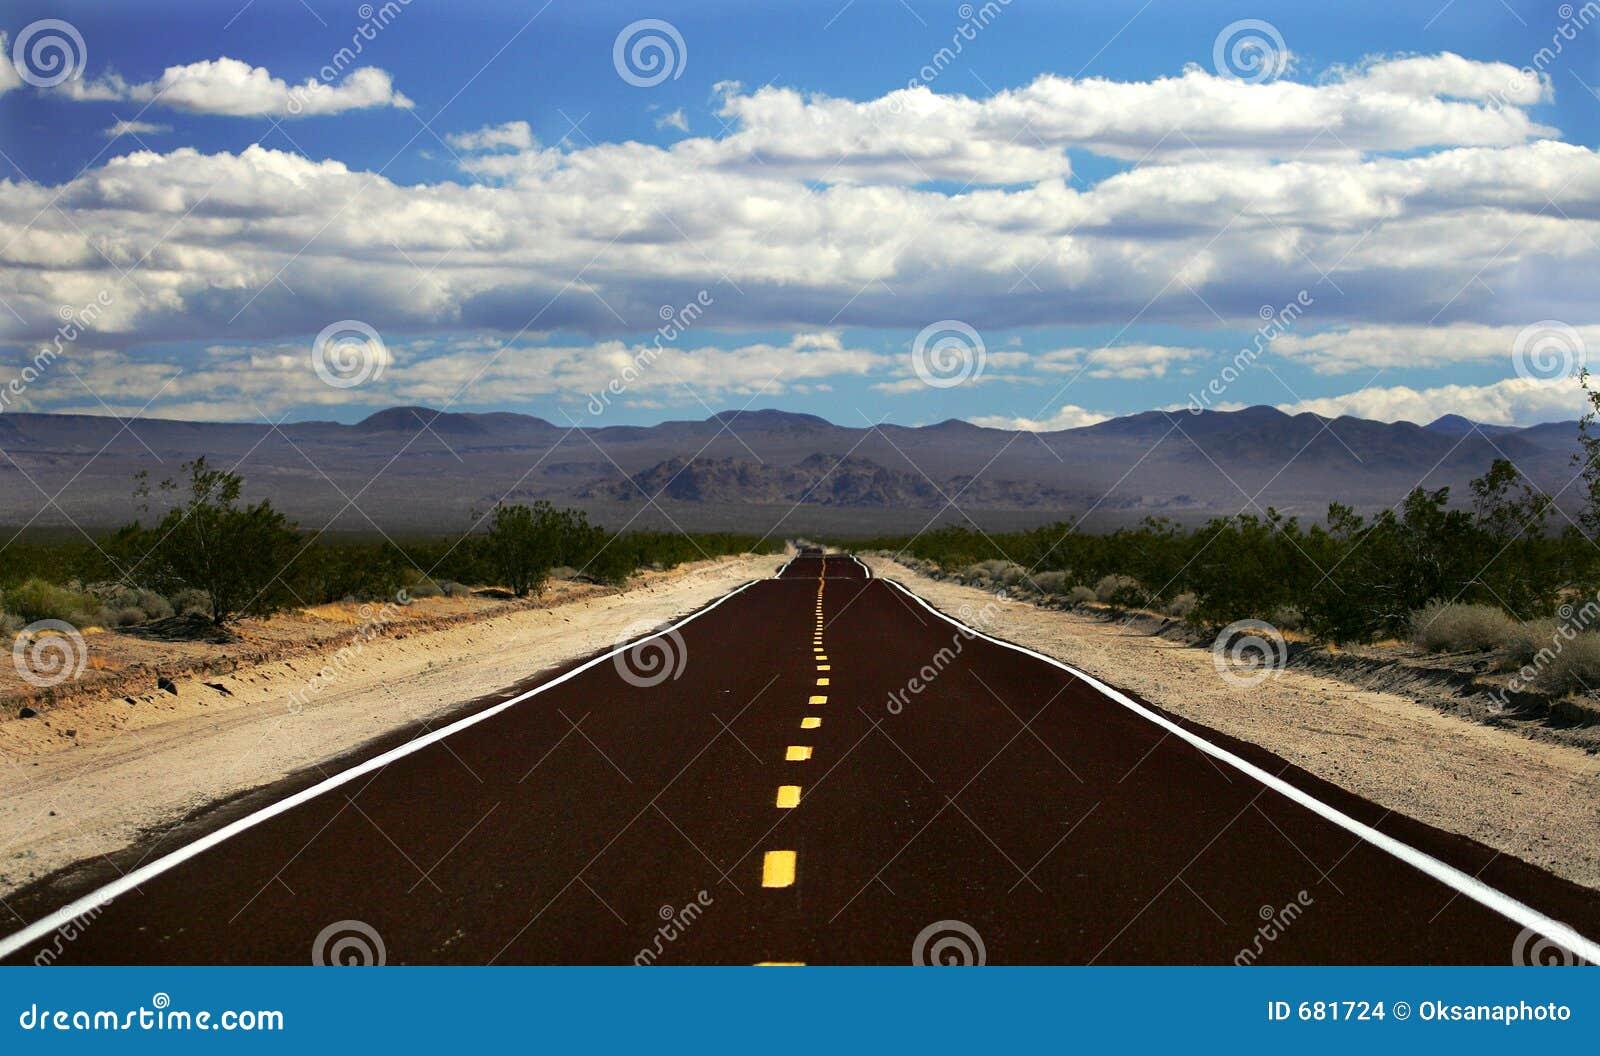 Road, Nevada